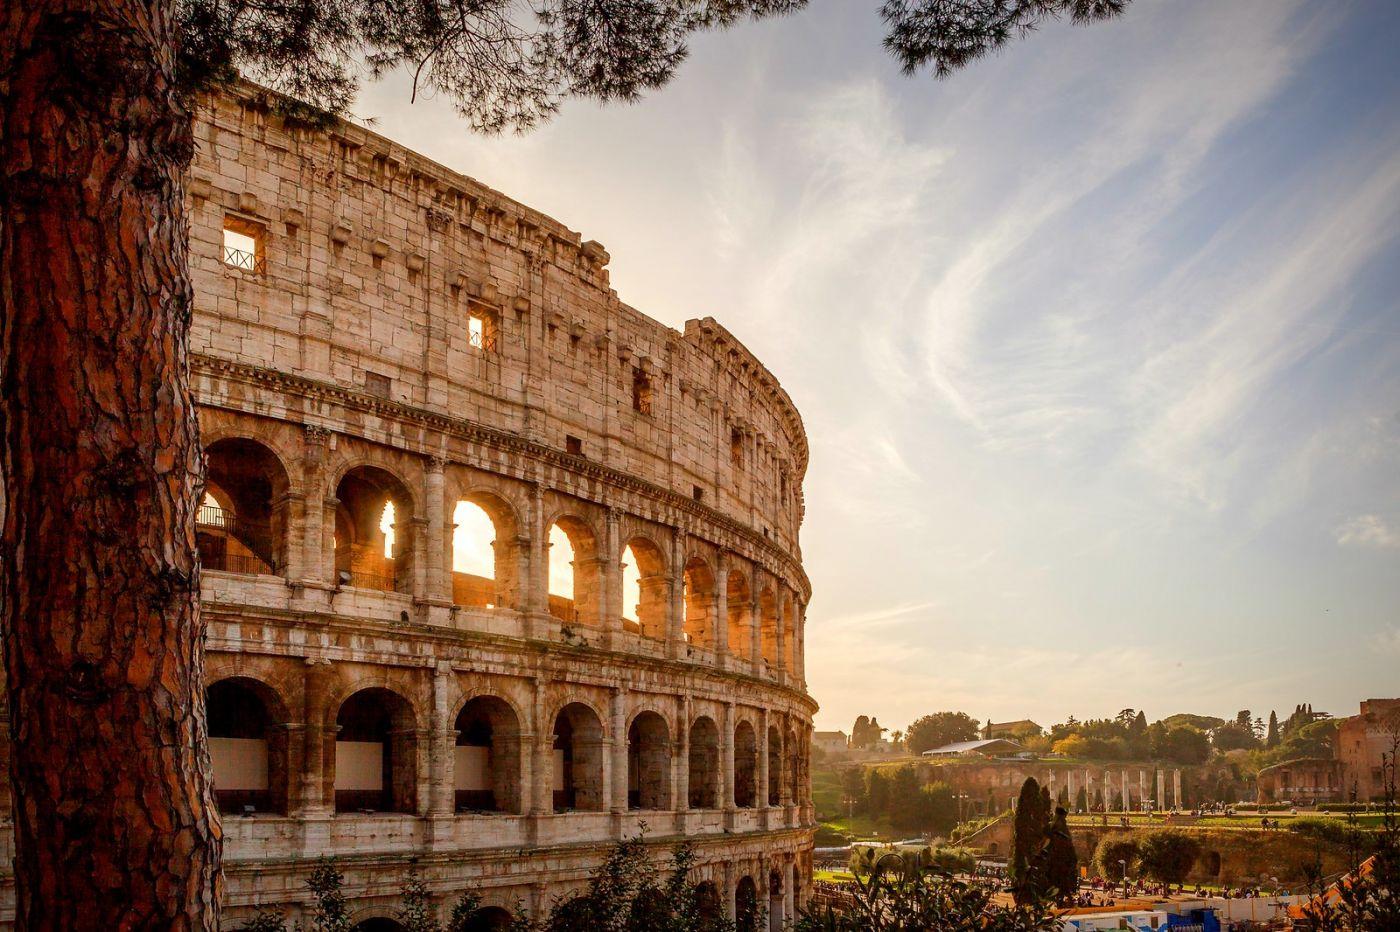 罗马斗兽场(Colosseum), 两千年的宏大建筑古迹_图1-25